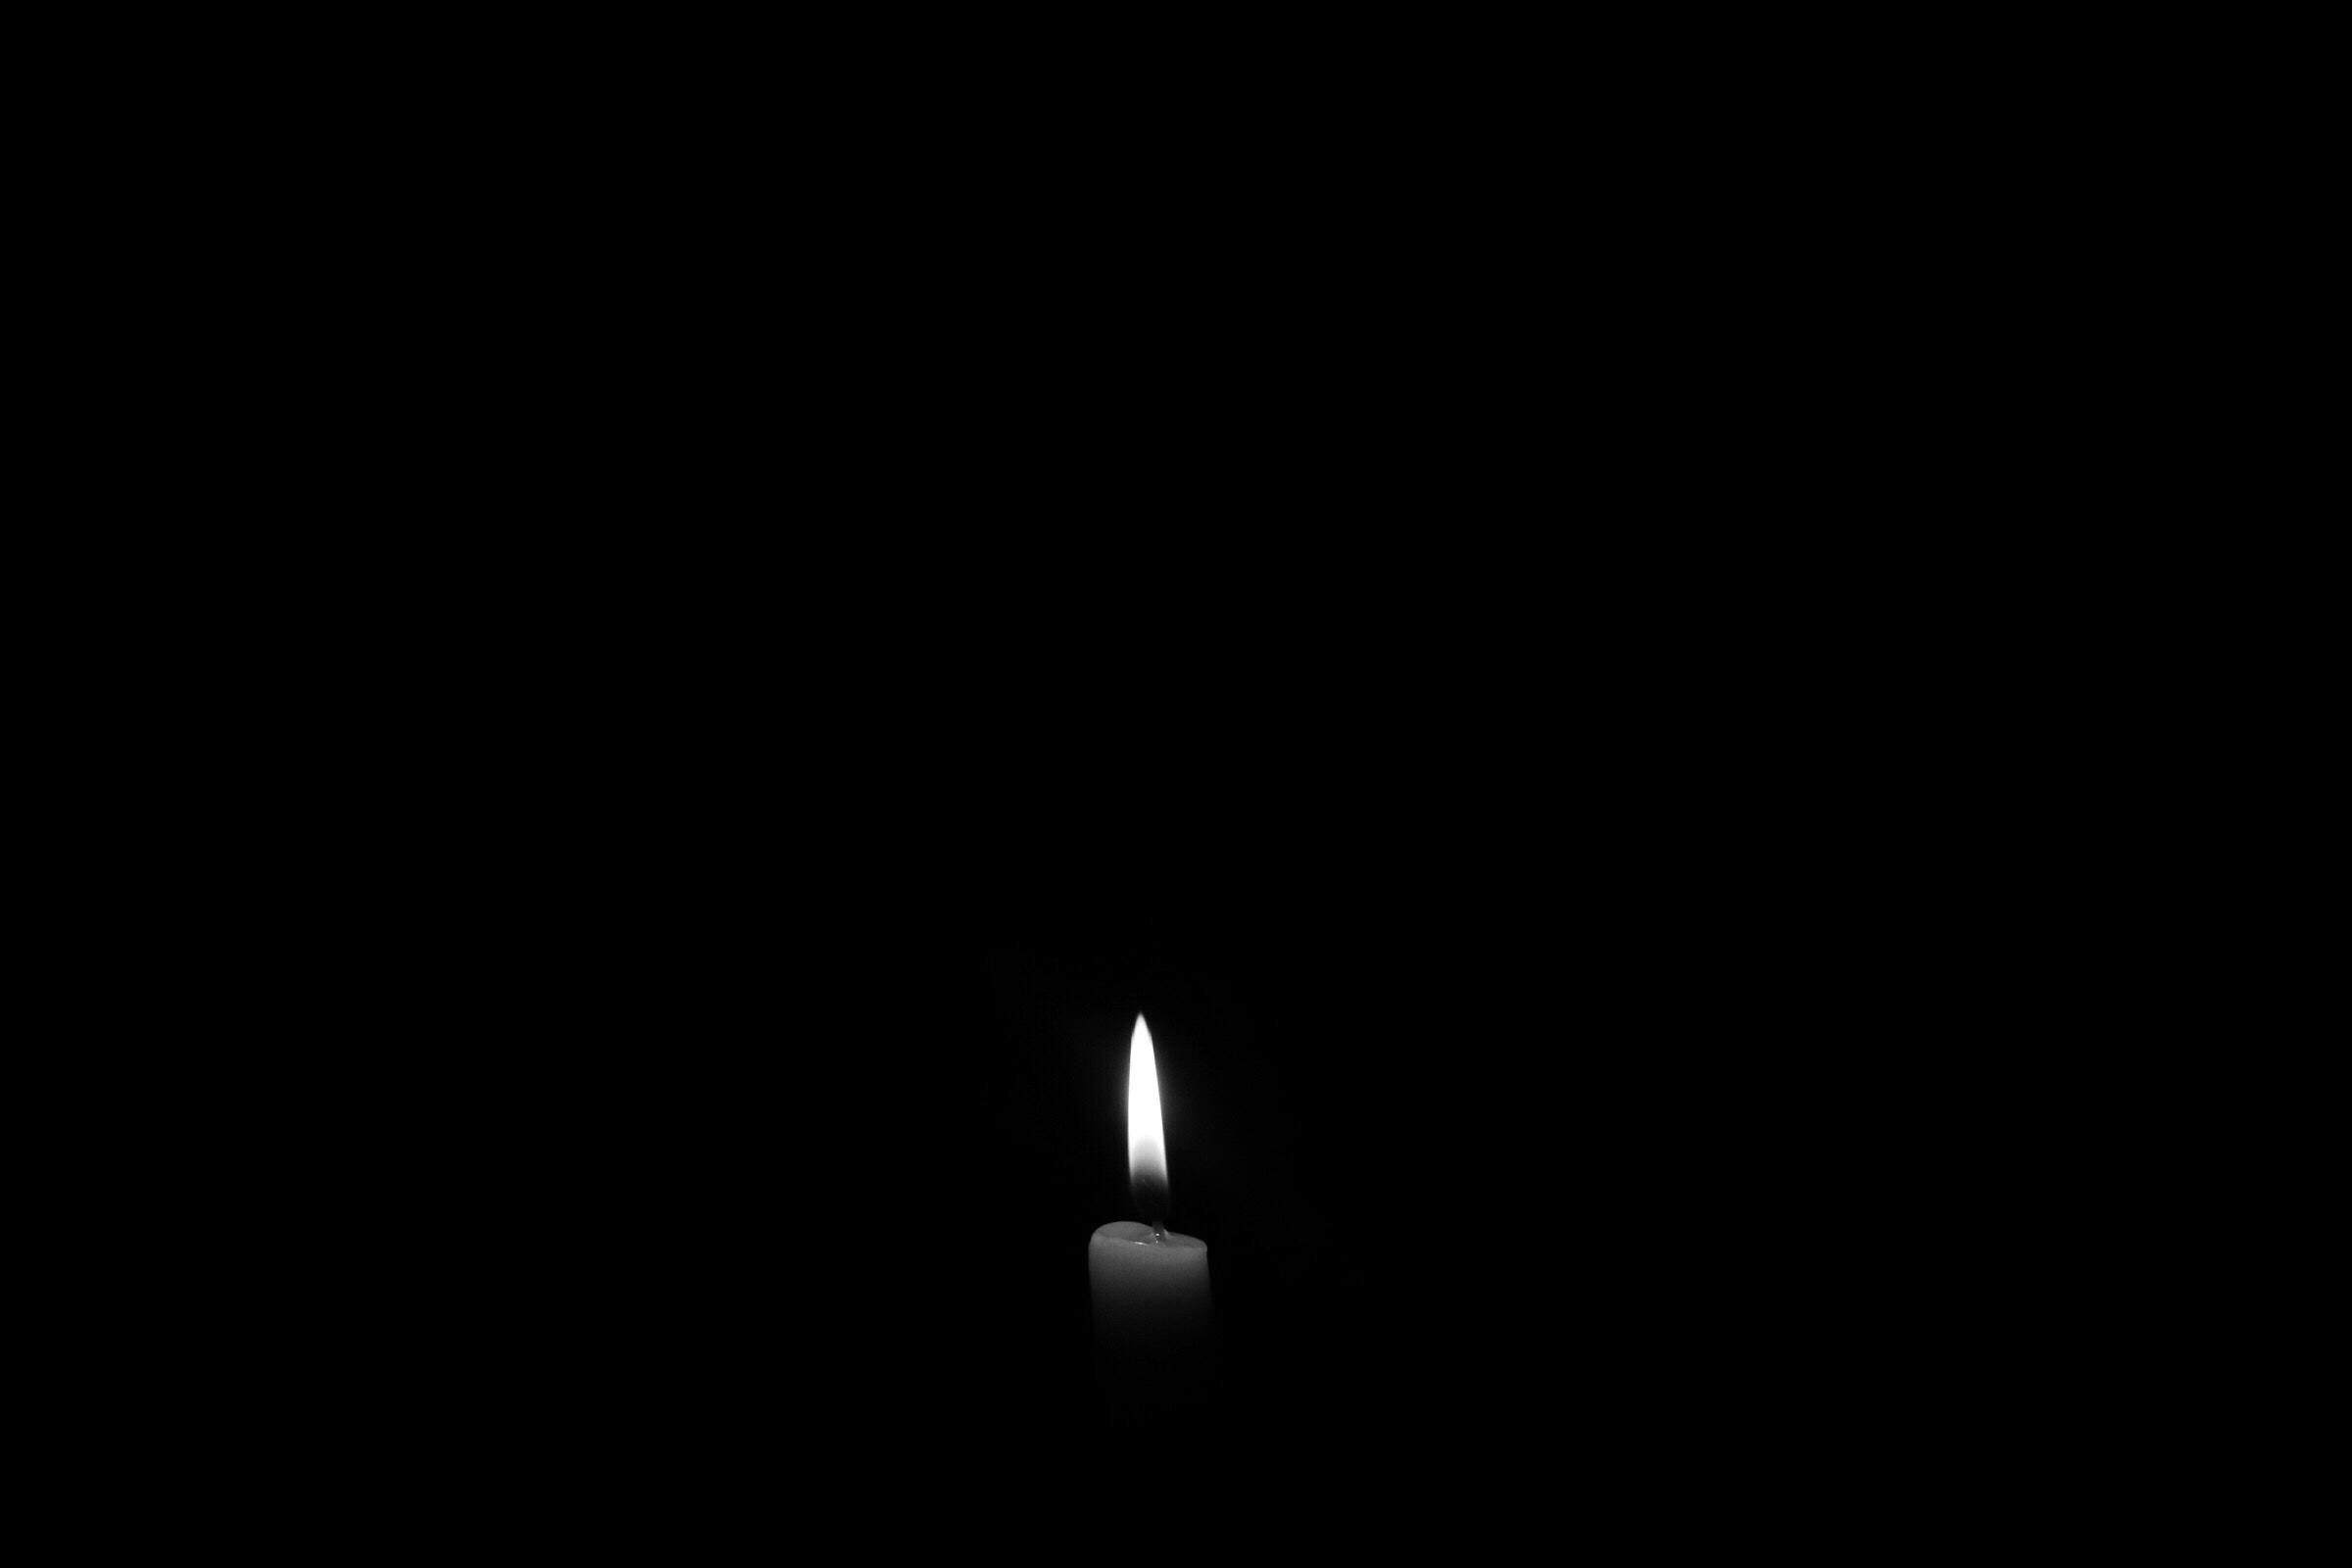 Black Light Background Wallpaper 67 Images